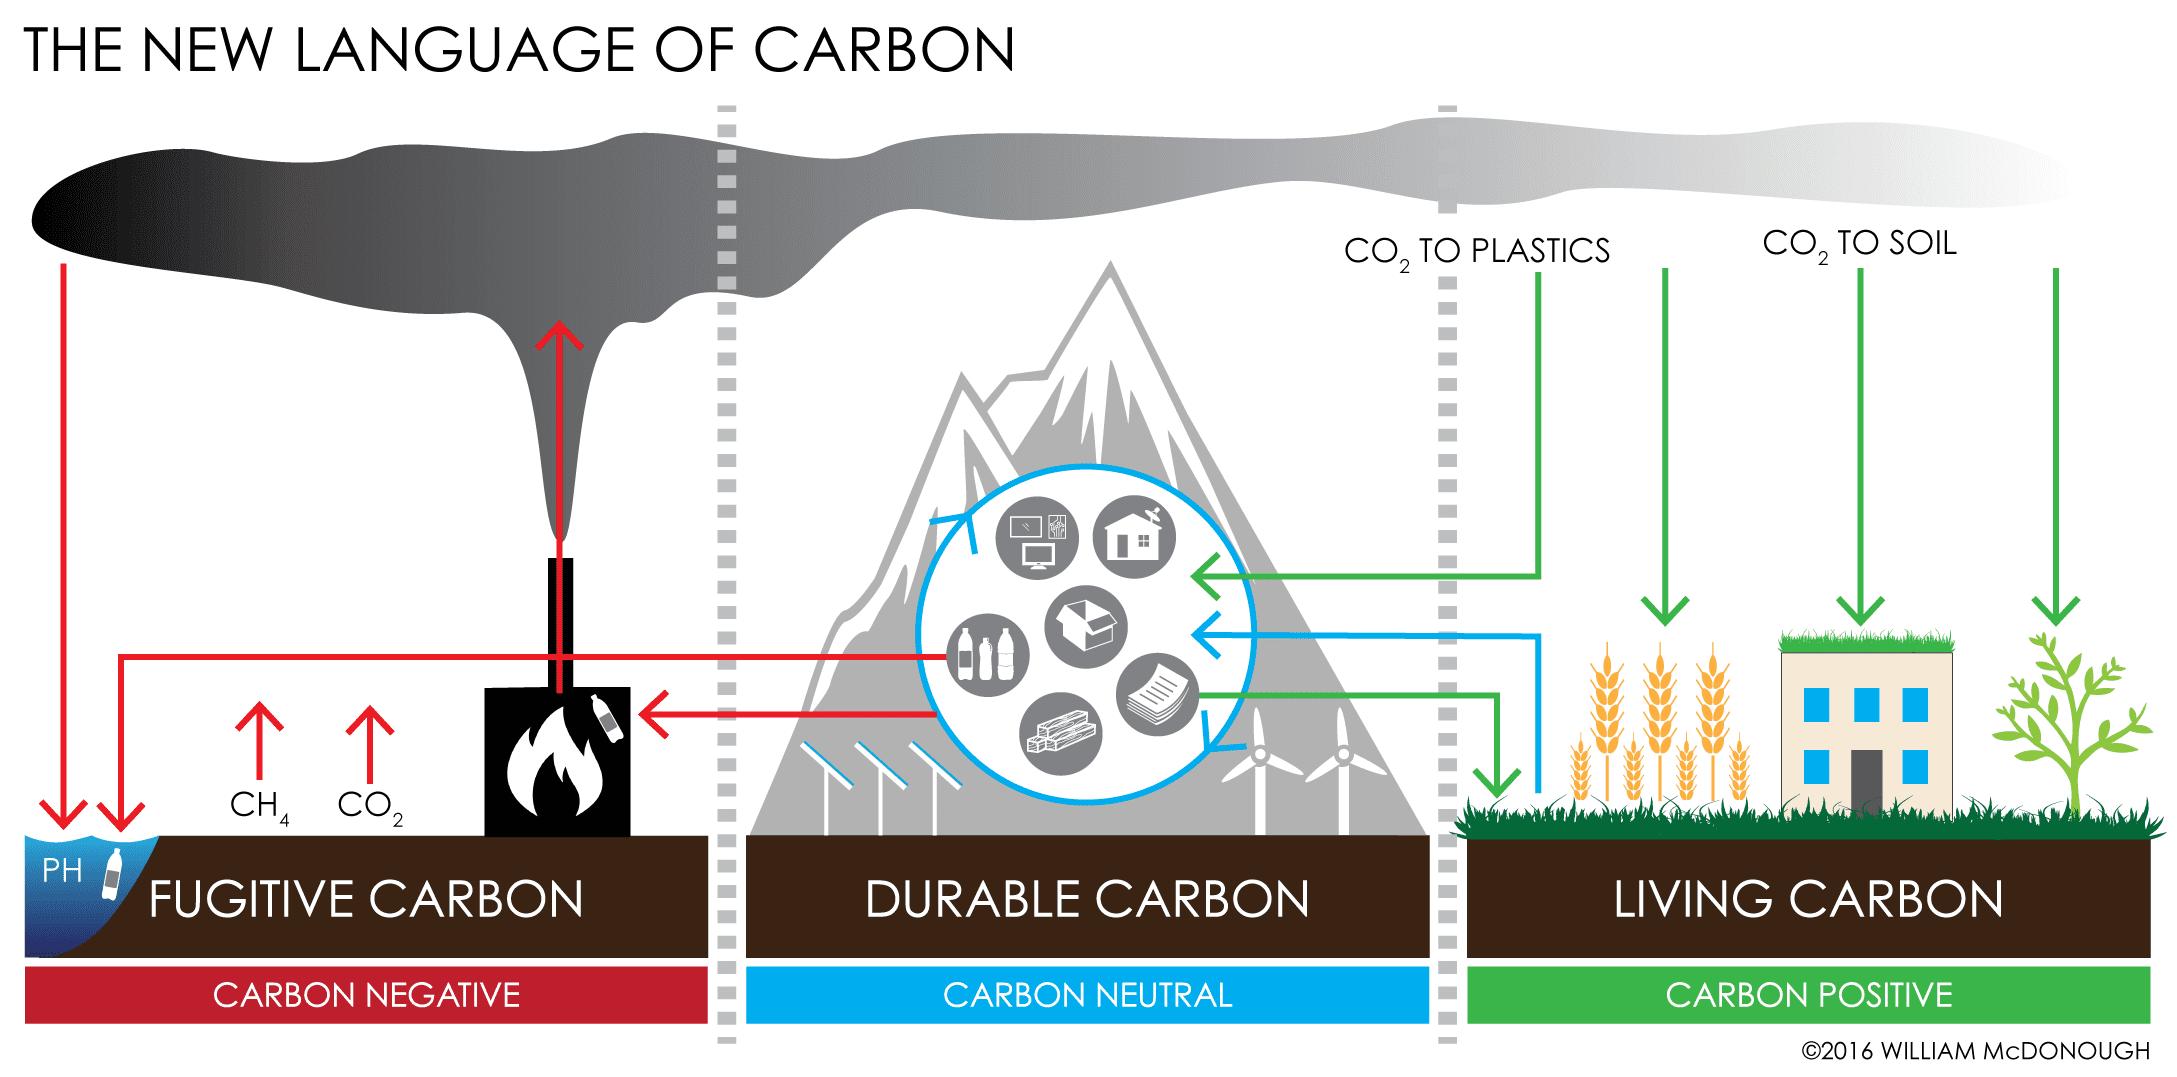 New-Language-of-Carbon-Diagram